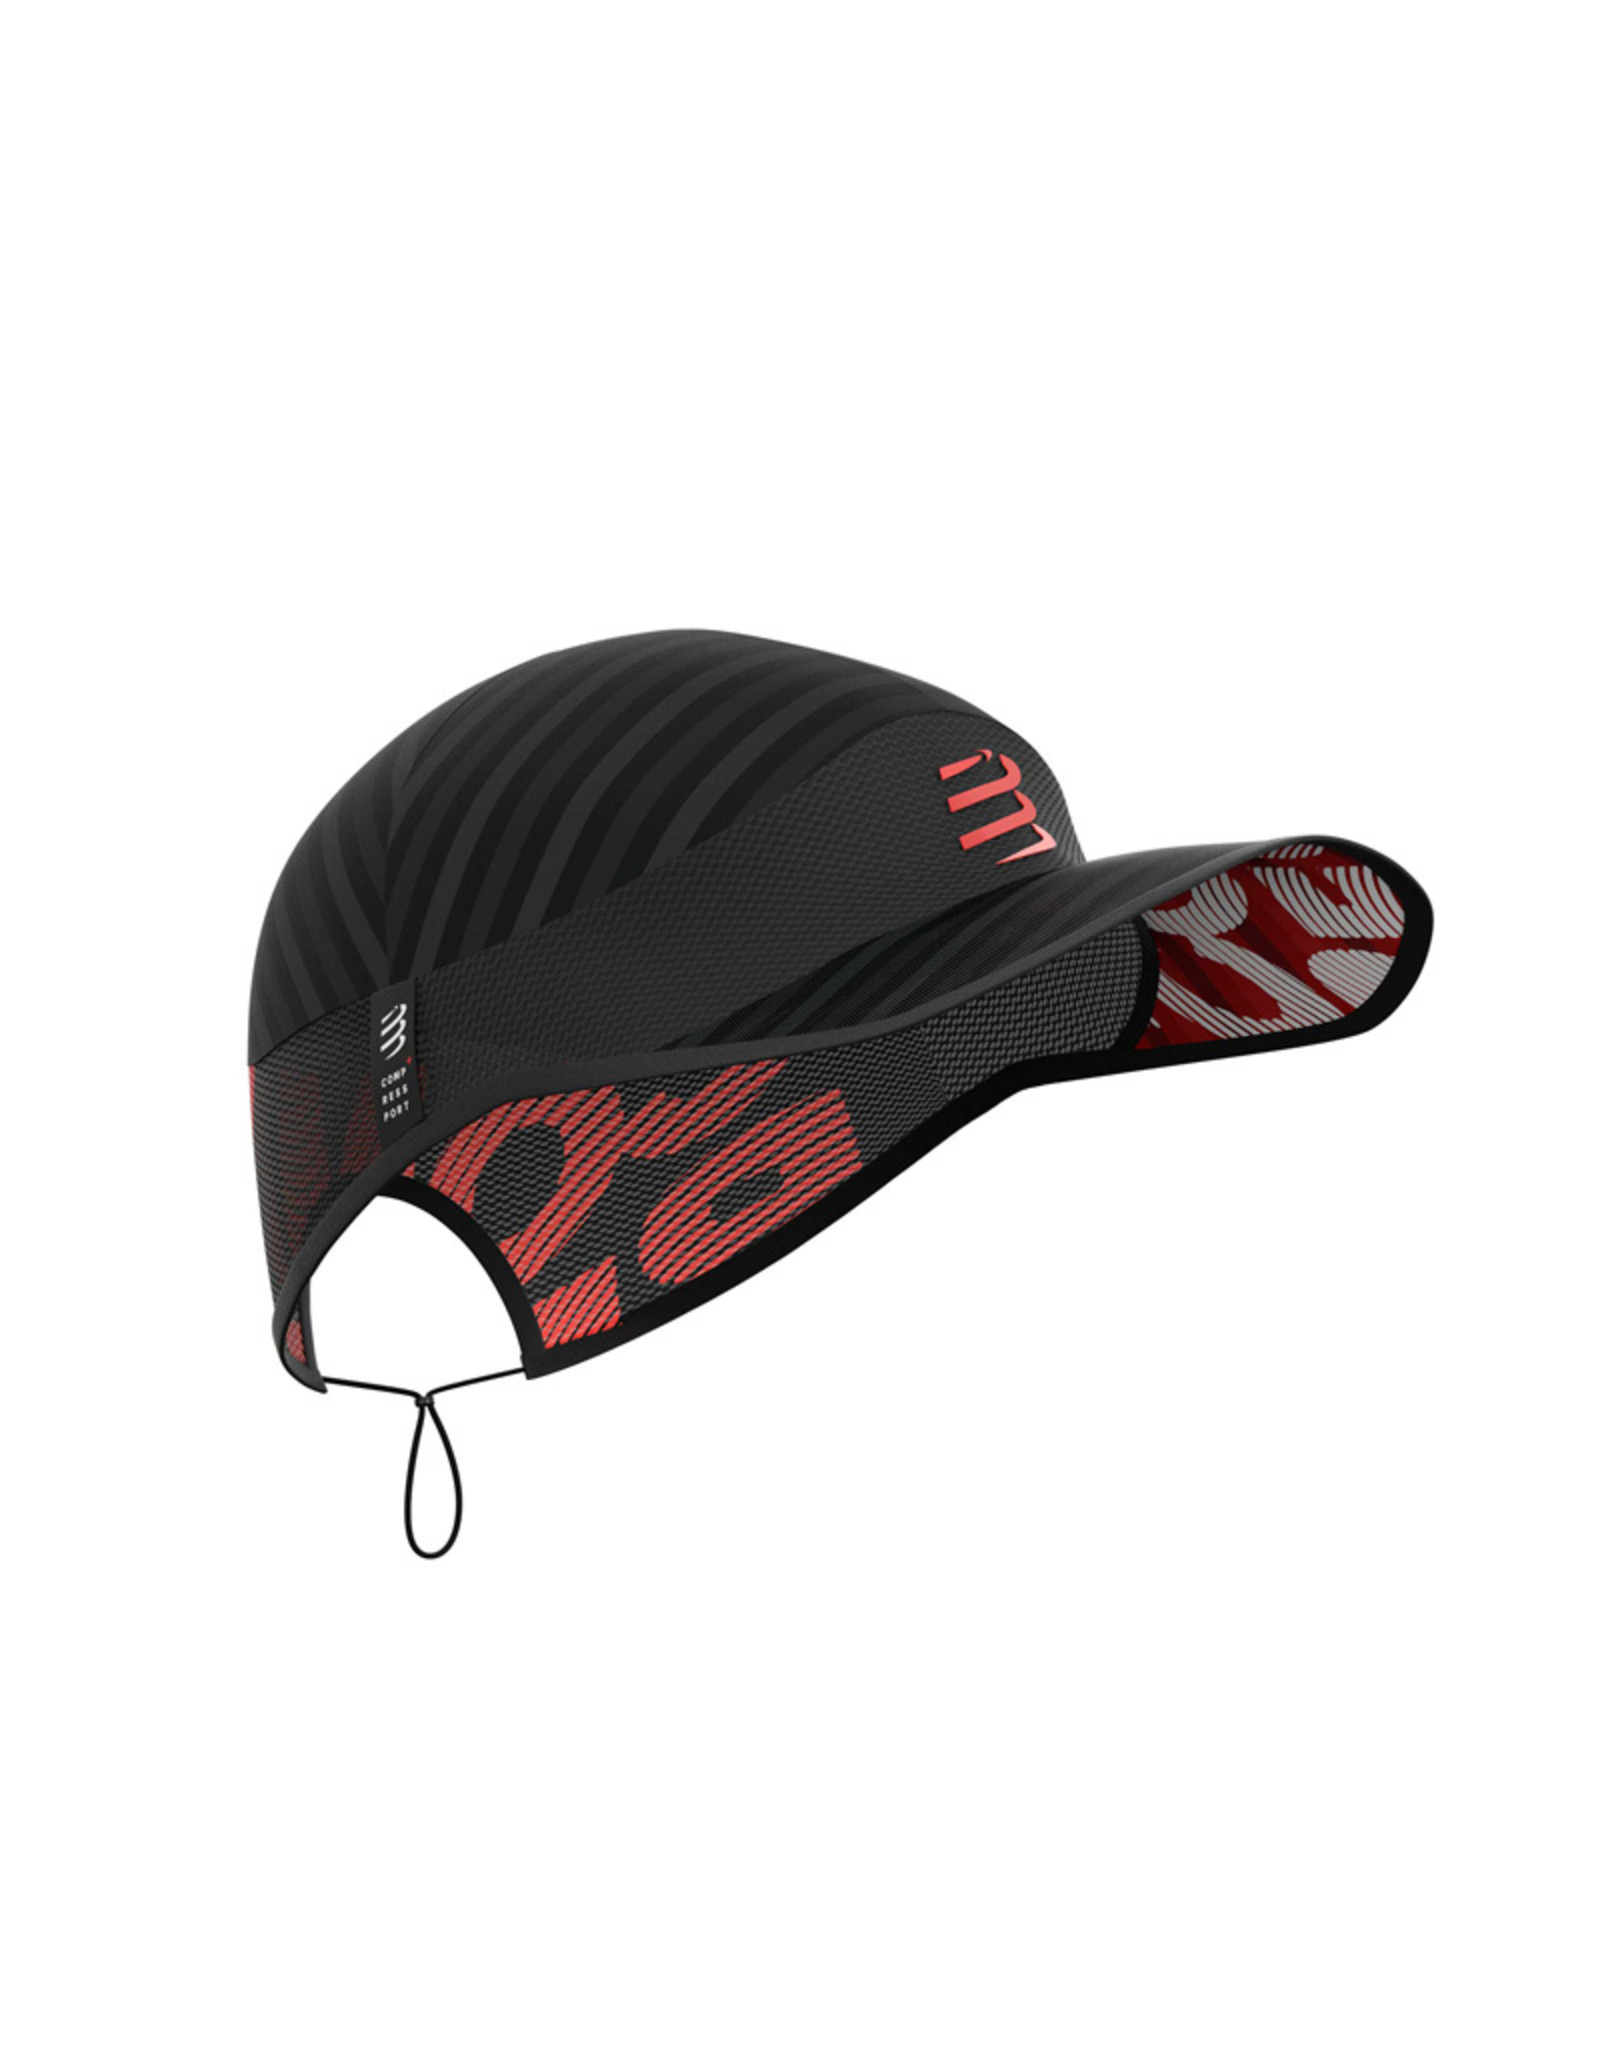 Compressport Pro Racing Cap Pet Voor Hardlopen - Zwart